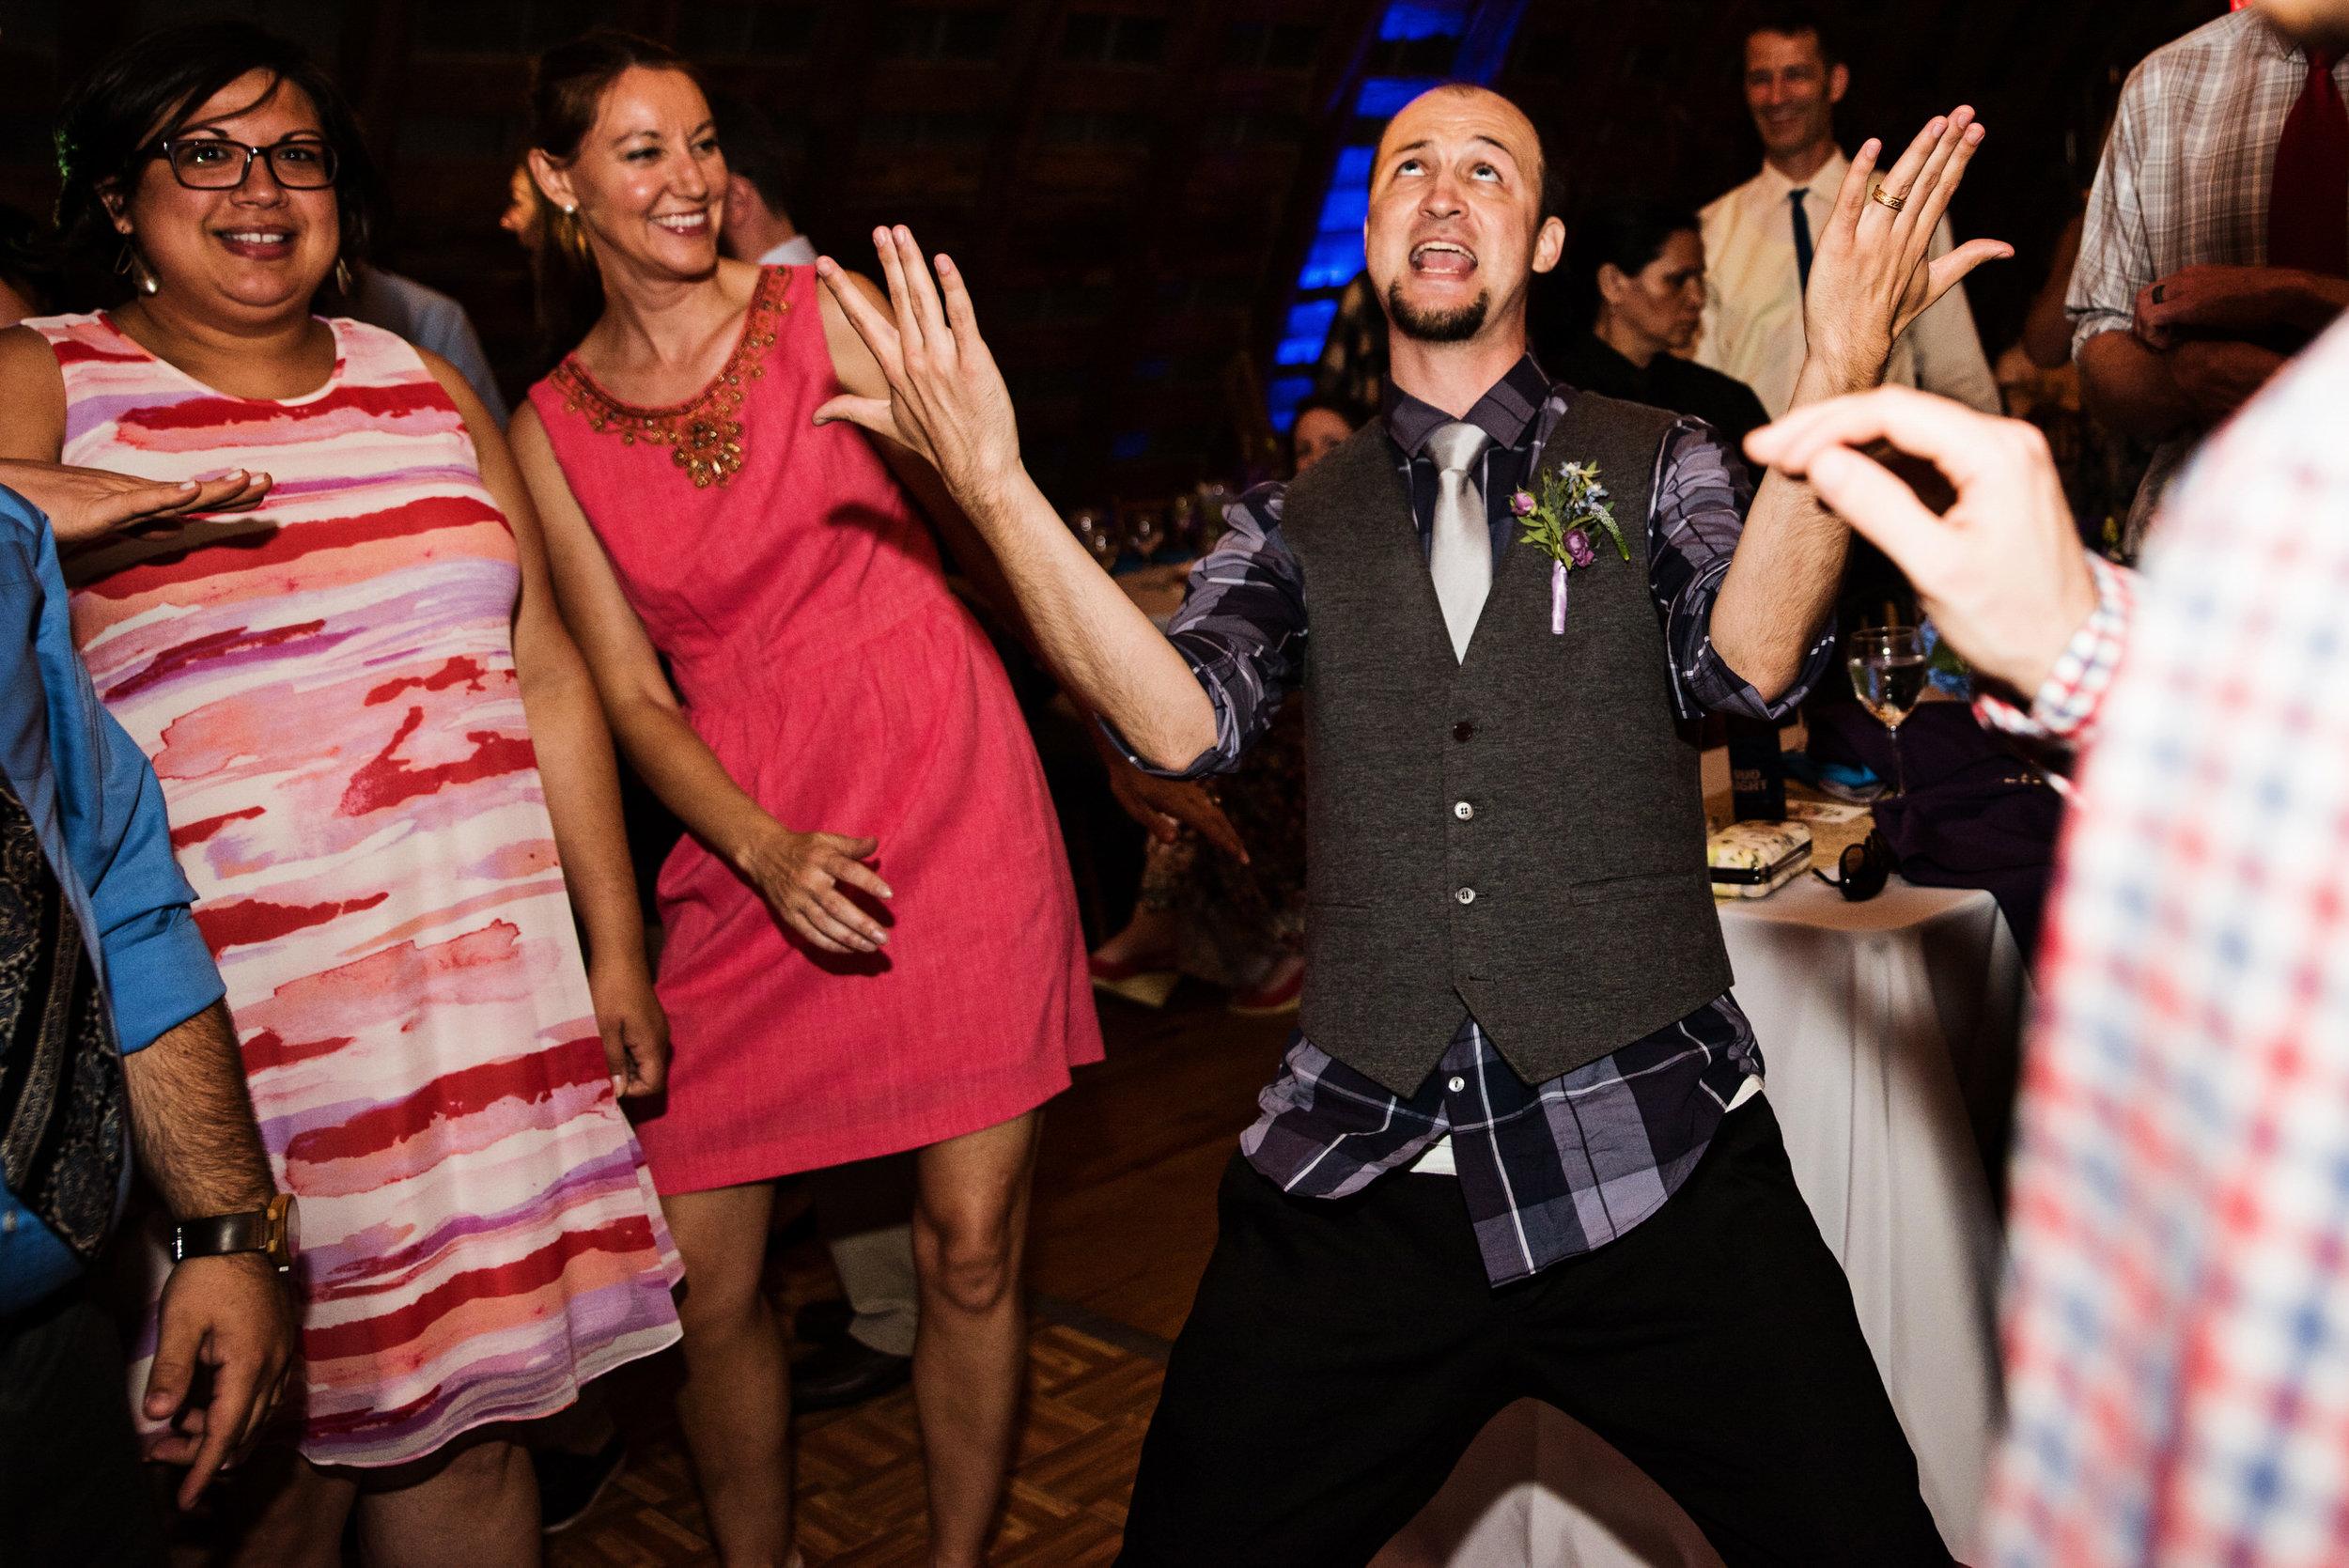 EastLynnFarmWedding-Stephanie&Aaron-Reception-273.jpg